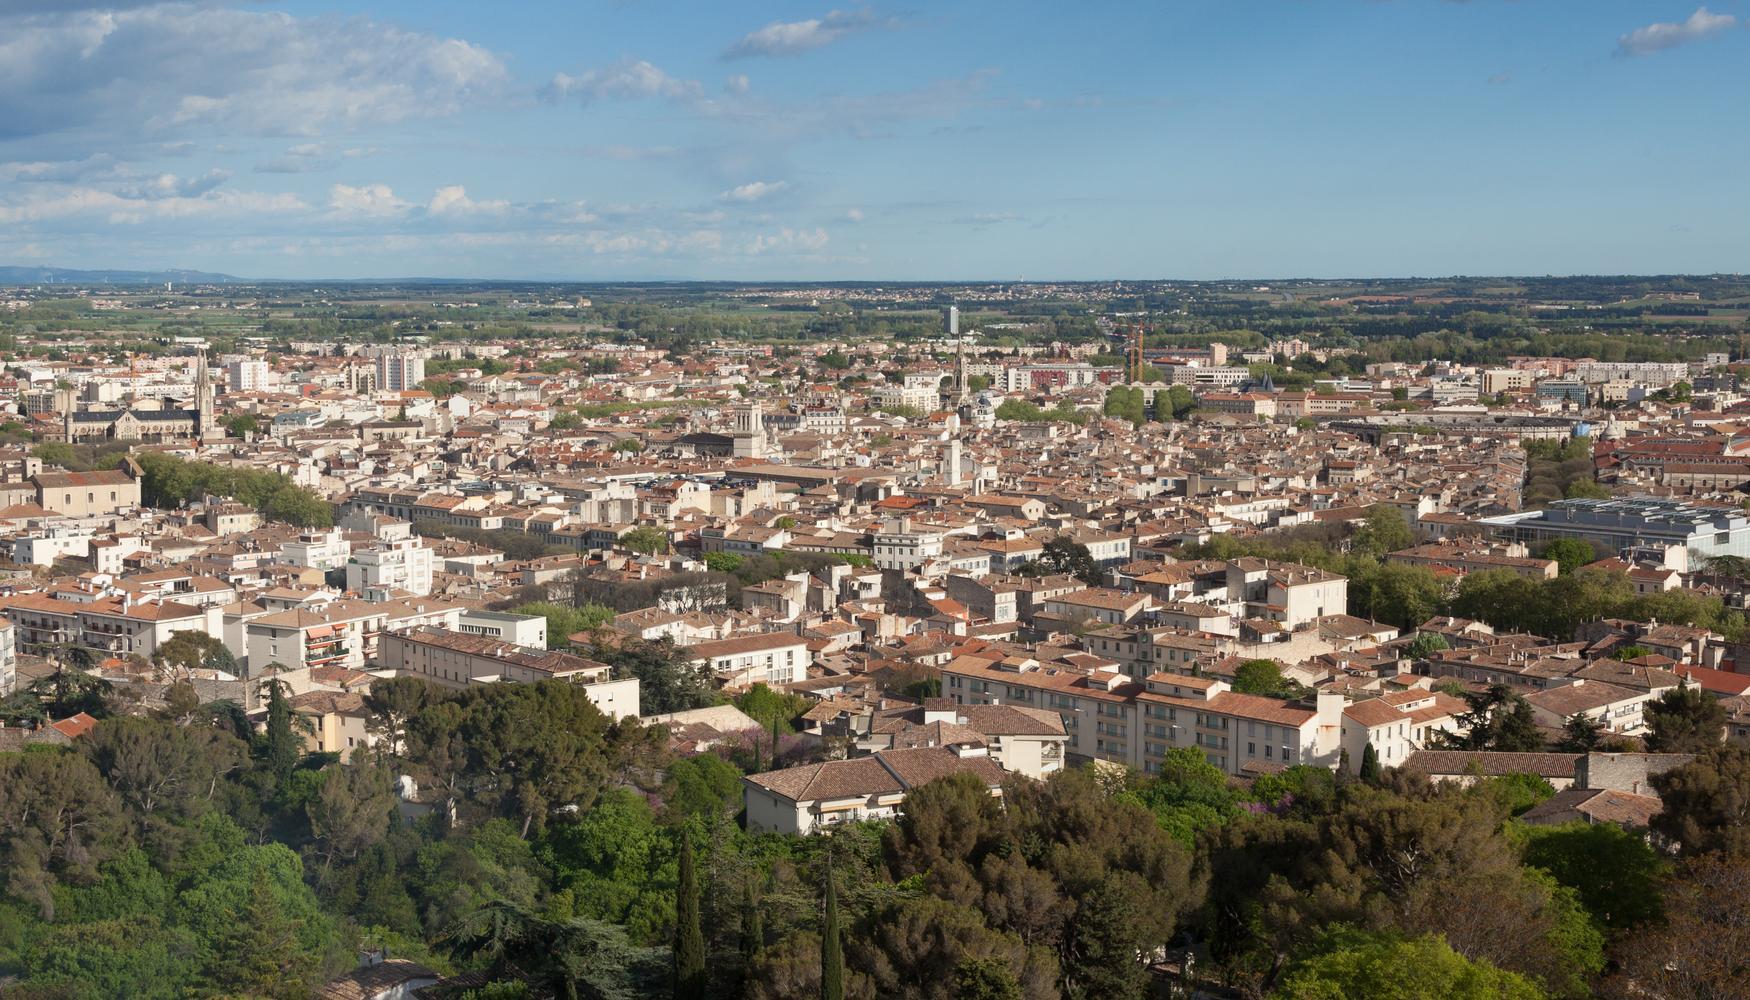 尼姆 Nîmes-Arles-Camargue机场的租车